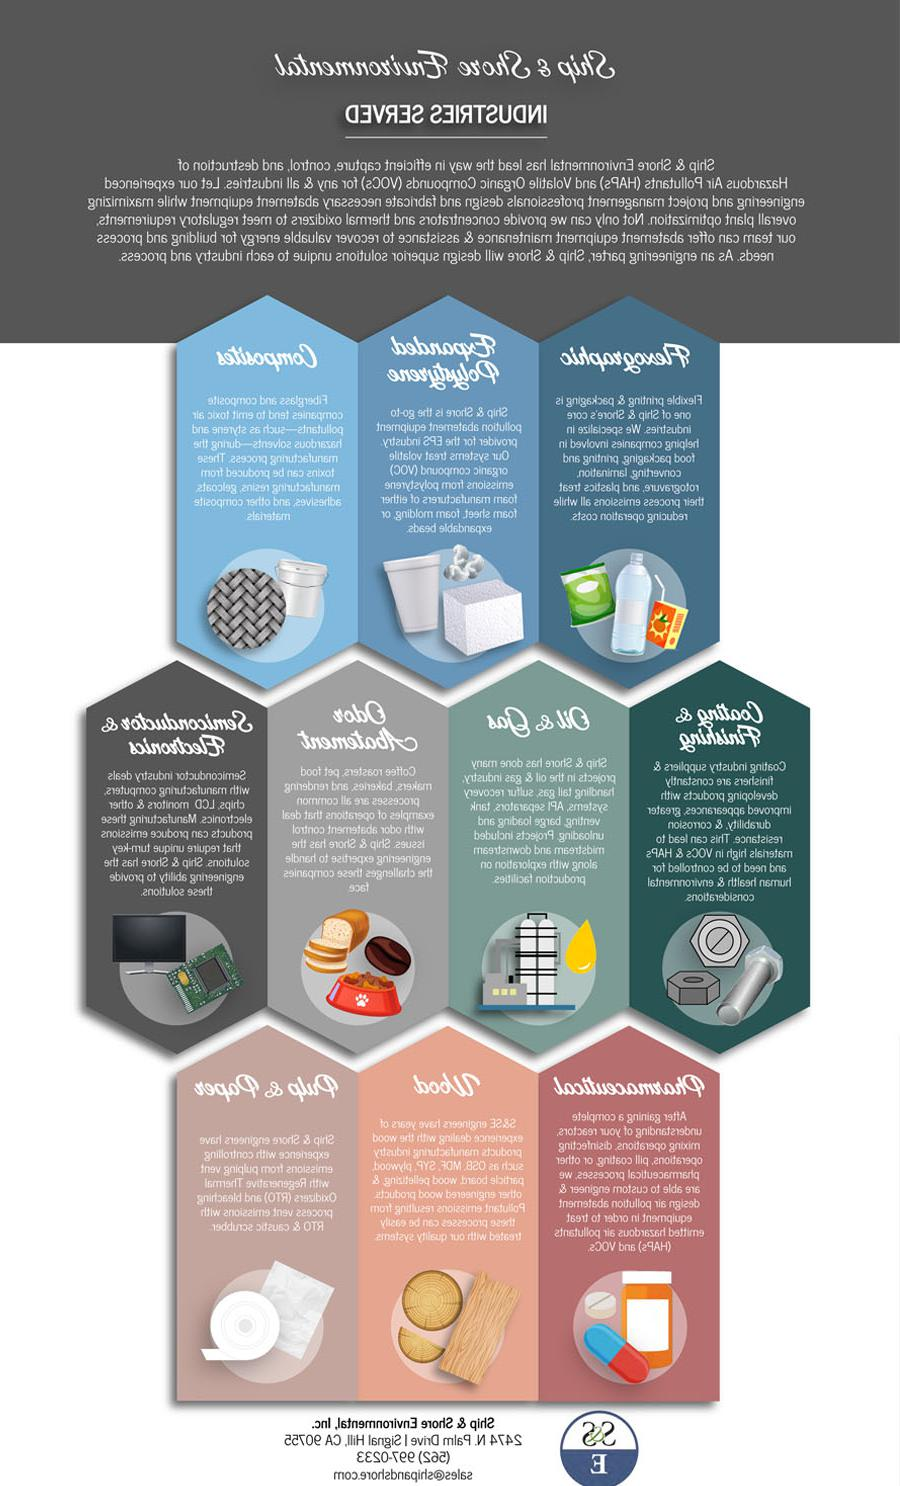 食品和咖啡烘焙行业的实时操作系统